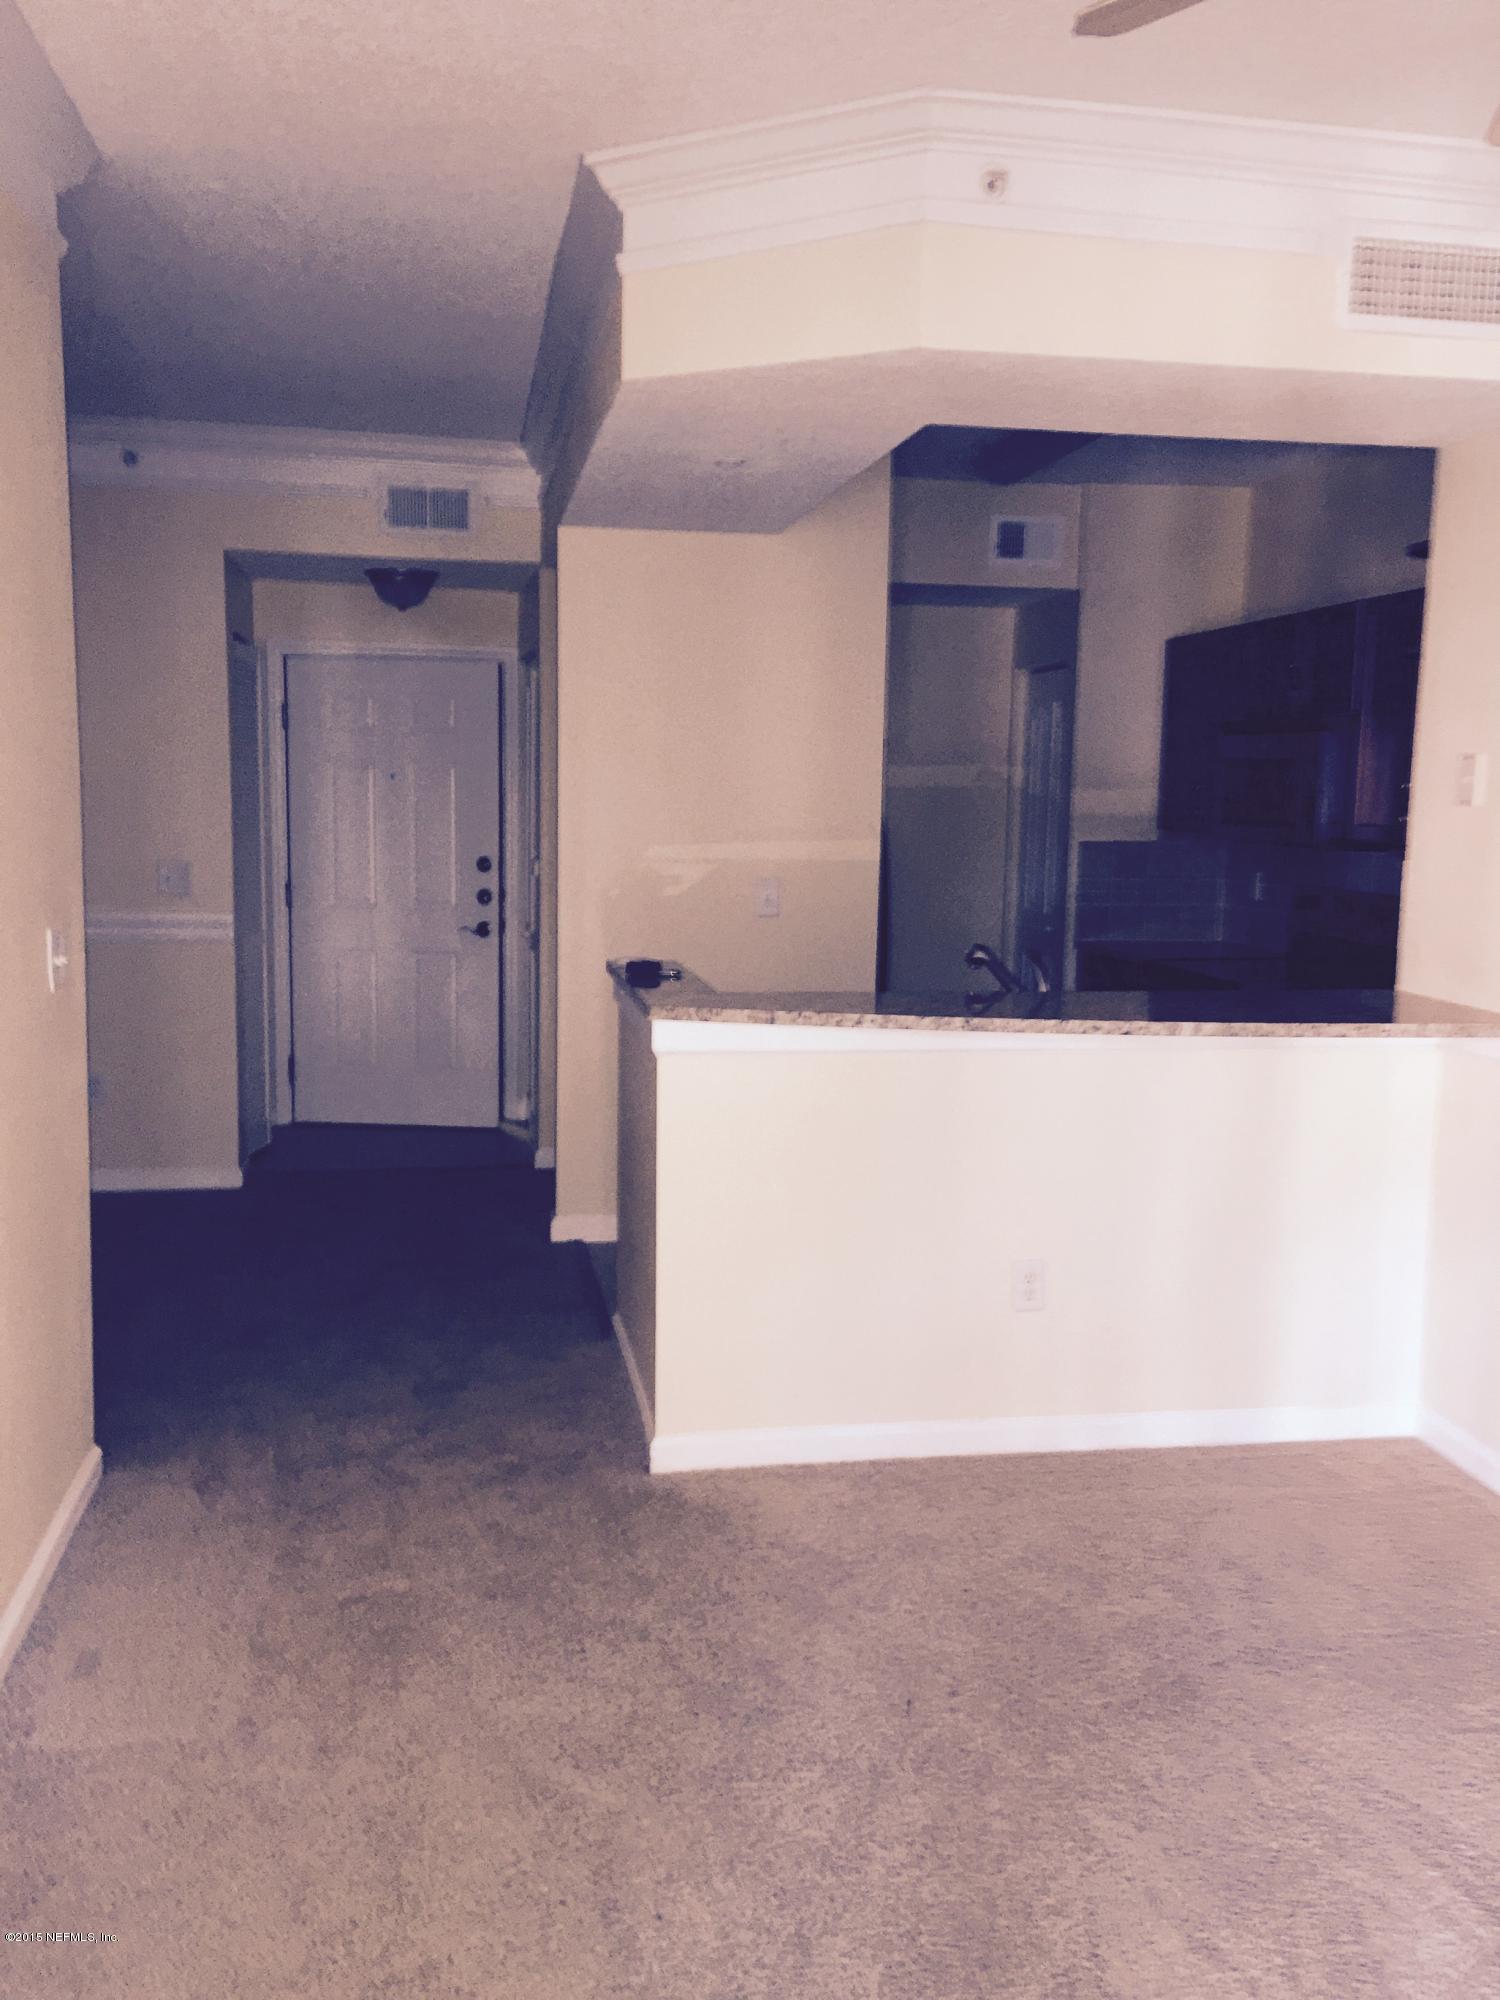 10435 MIDTOWN, JACKSONVILLE, FLORIDA 32246, 1 Bedroom Bedrooms, ,1 BathroomBathrooms,Condo,For sale,MIDTOWN,988167